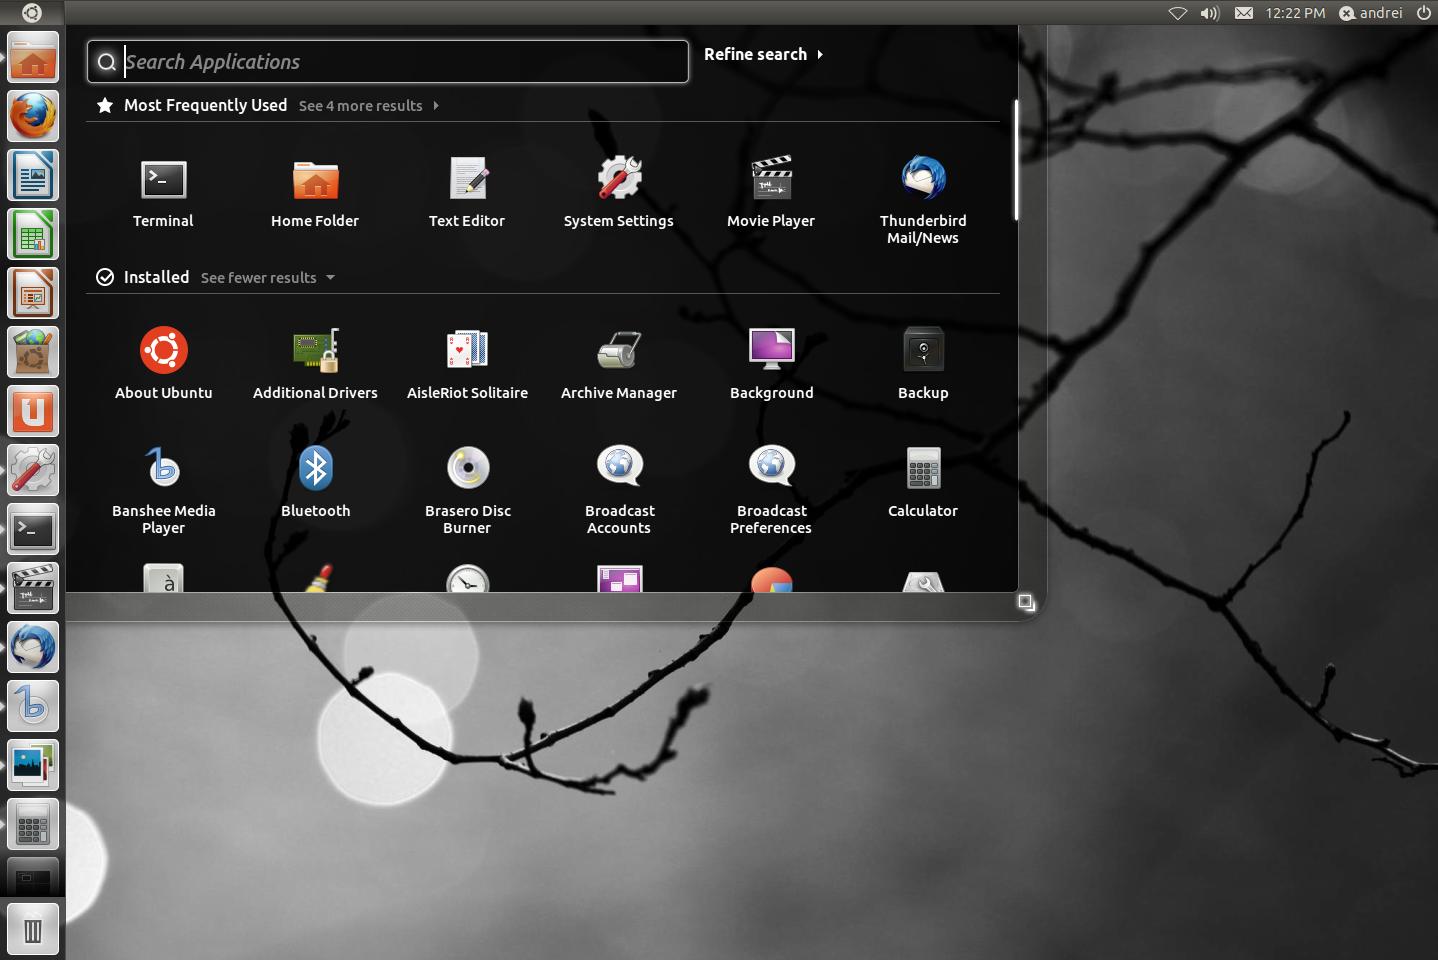 ubuntu 11.10 oneiric ocelot